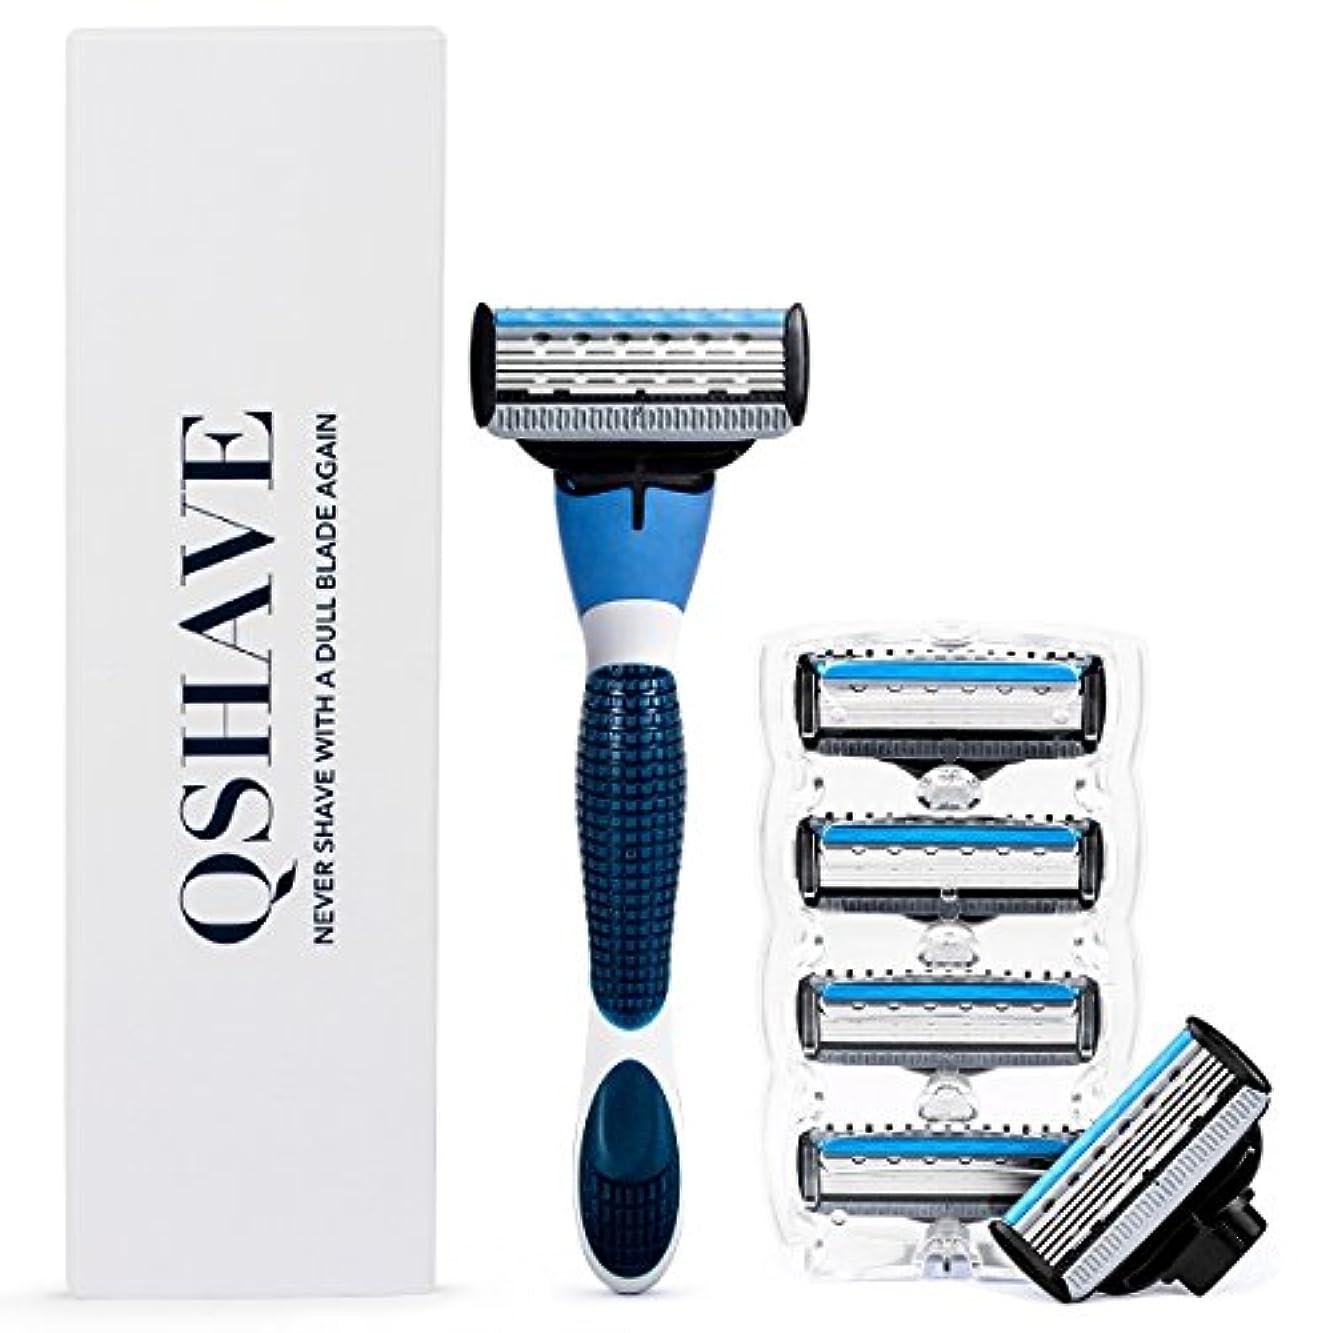 リフト遠洋の構想するQSHAVEのブルーシリーズ、男性用マニュアルシェービングカミソリは替刃X5 (5枚刃) のカートリッジが。 (本体+替刃6コ付)